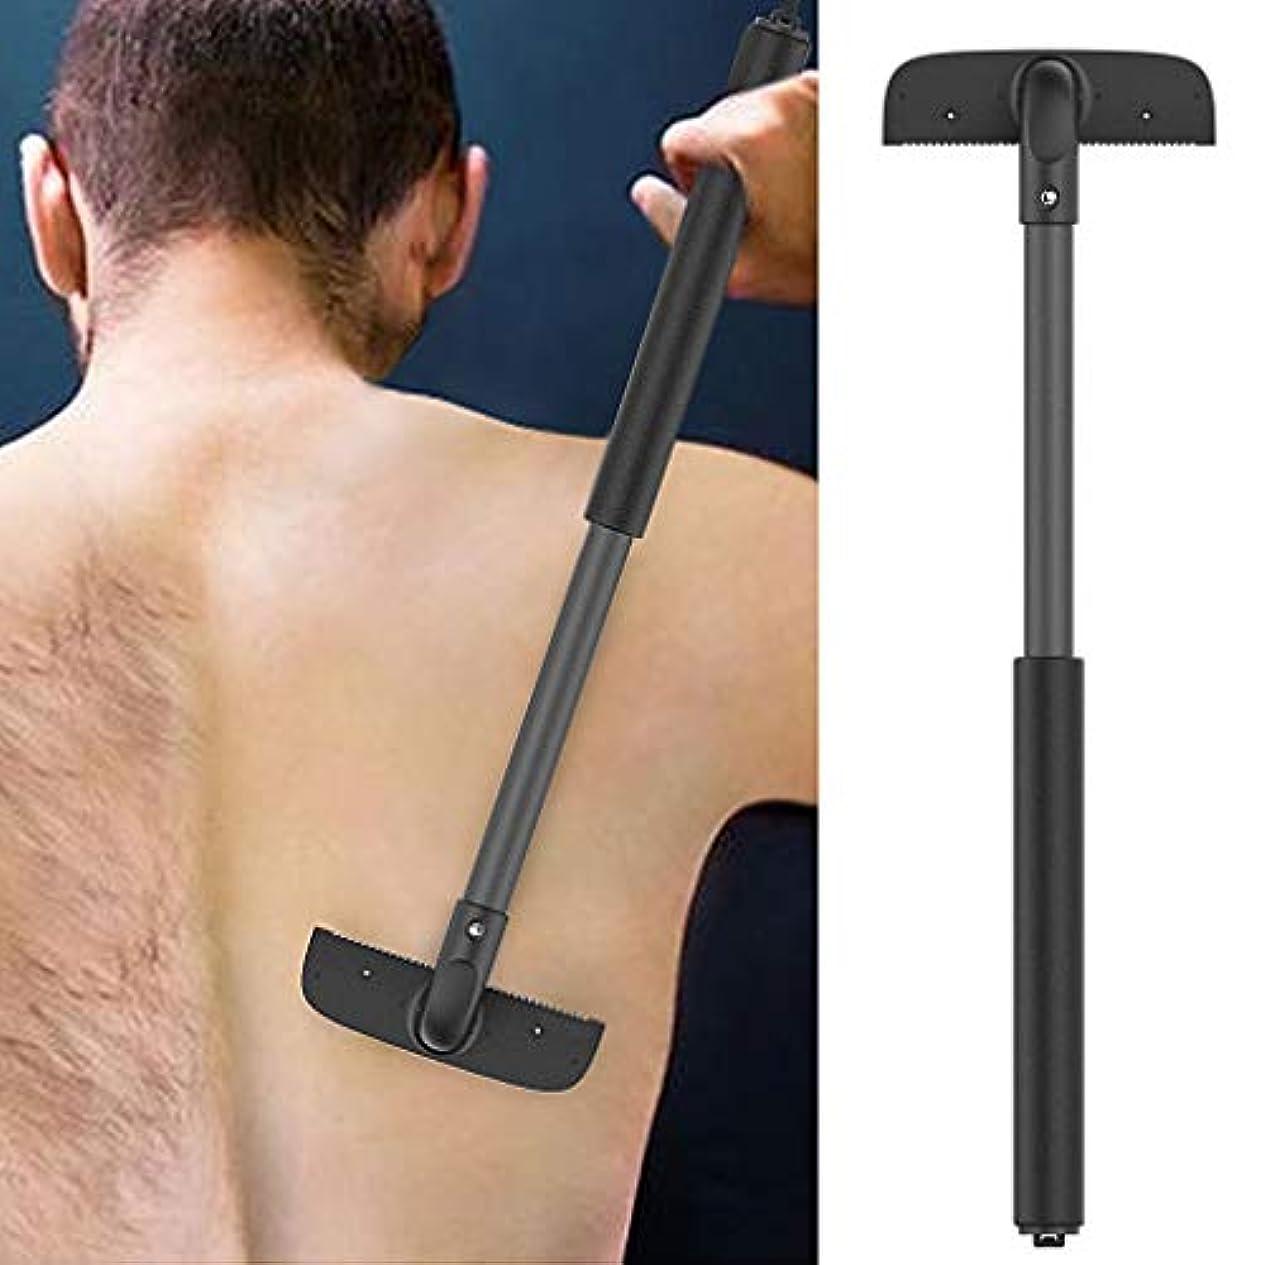 口述する五十花婿Back Hair Removal And Body Shaver、バックヘアとボディシェーバー、男性のための剃刀、調節可能なハンドル、伸縮可能なトリマー剃刀脱毛装置 除毛 ムダ毛処理